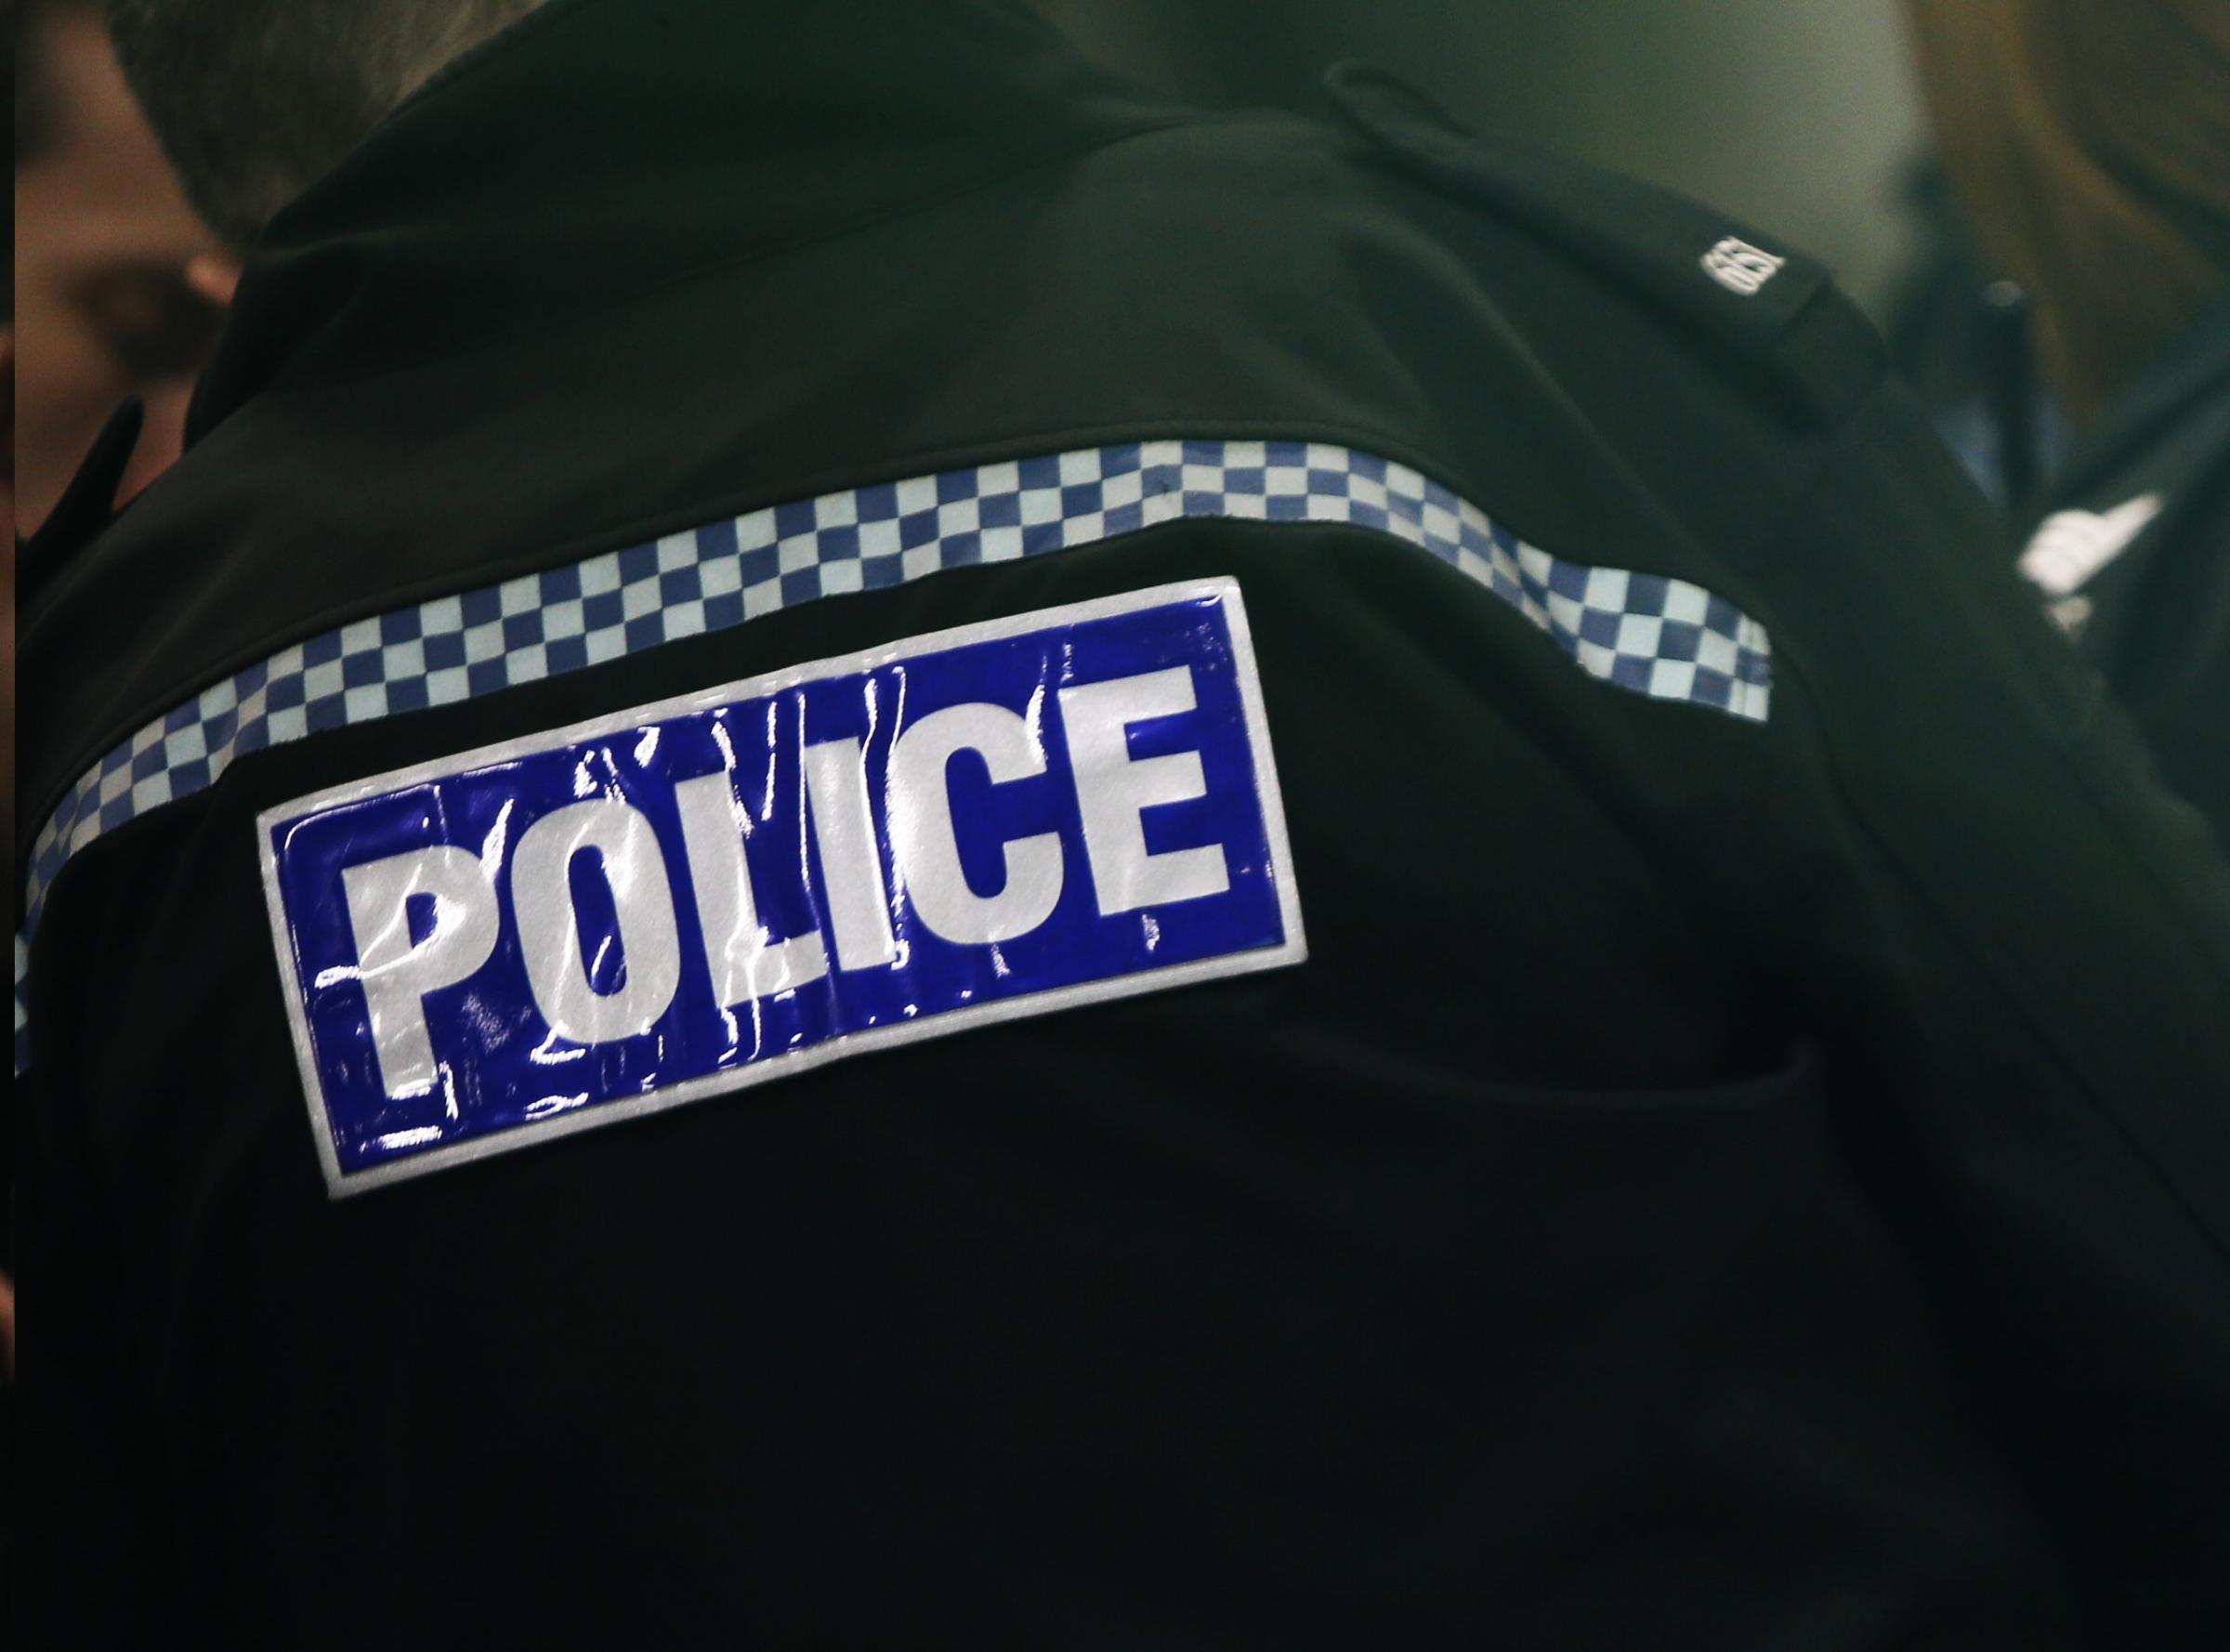 Police make county lines drug arrests in Oxford